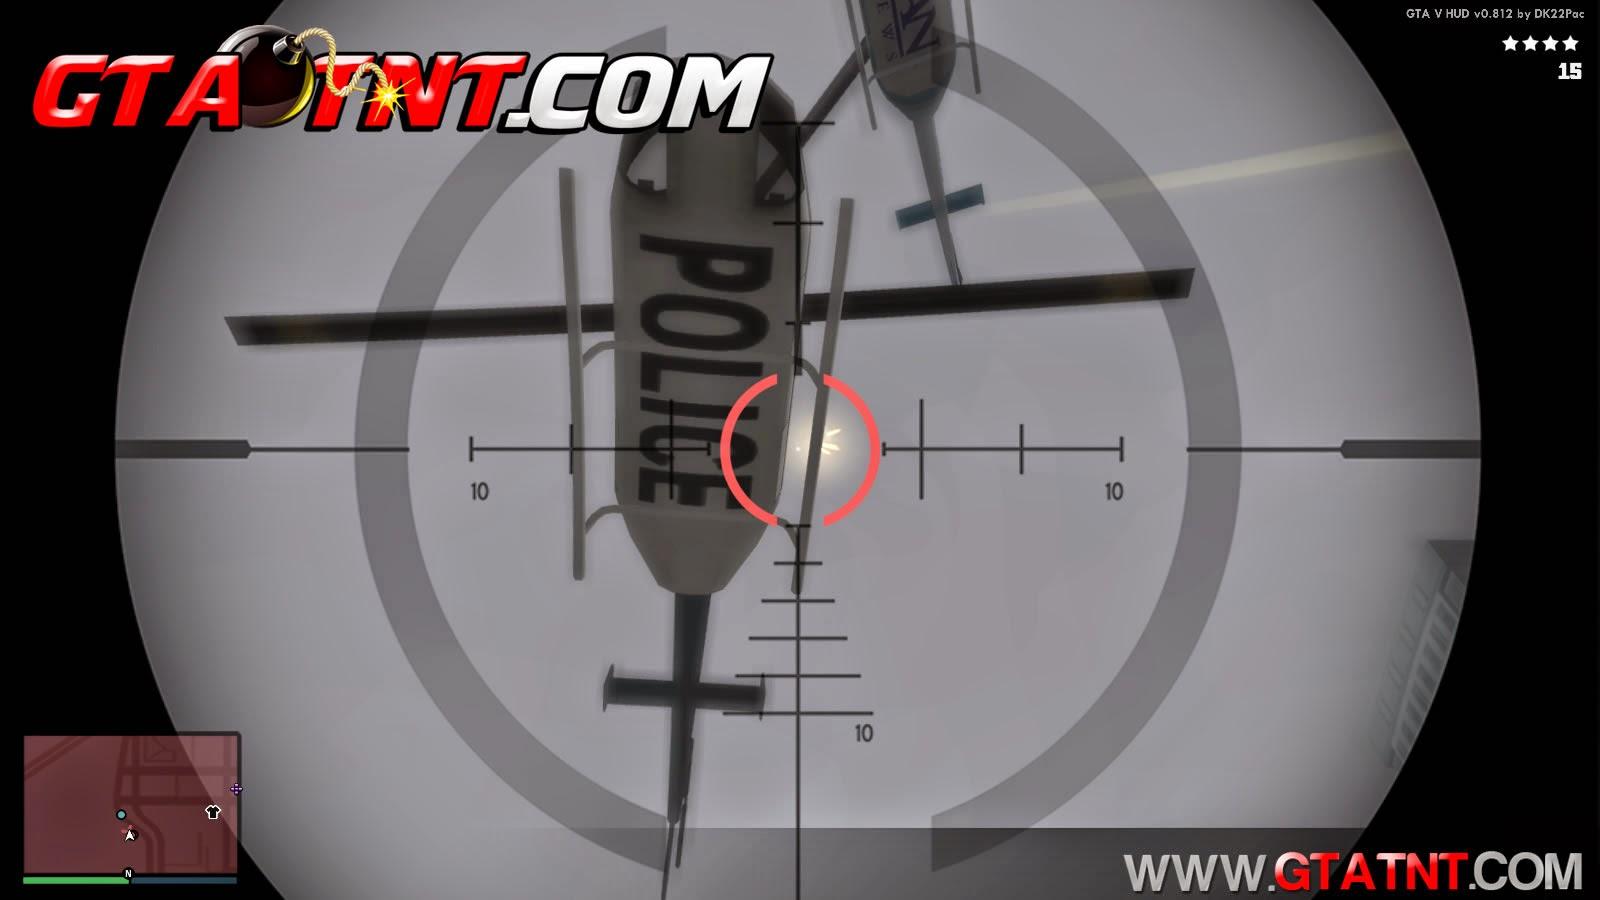 GTA SA - HUD + GPS + Menu de Armas + Troca de Personagem do GTA 5 Gta3-2014-08-11-04-27-14-45